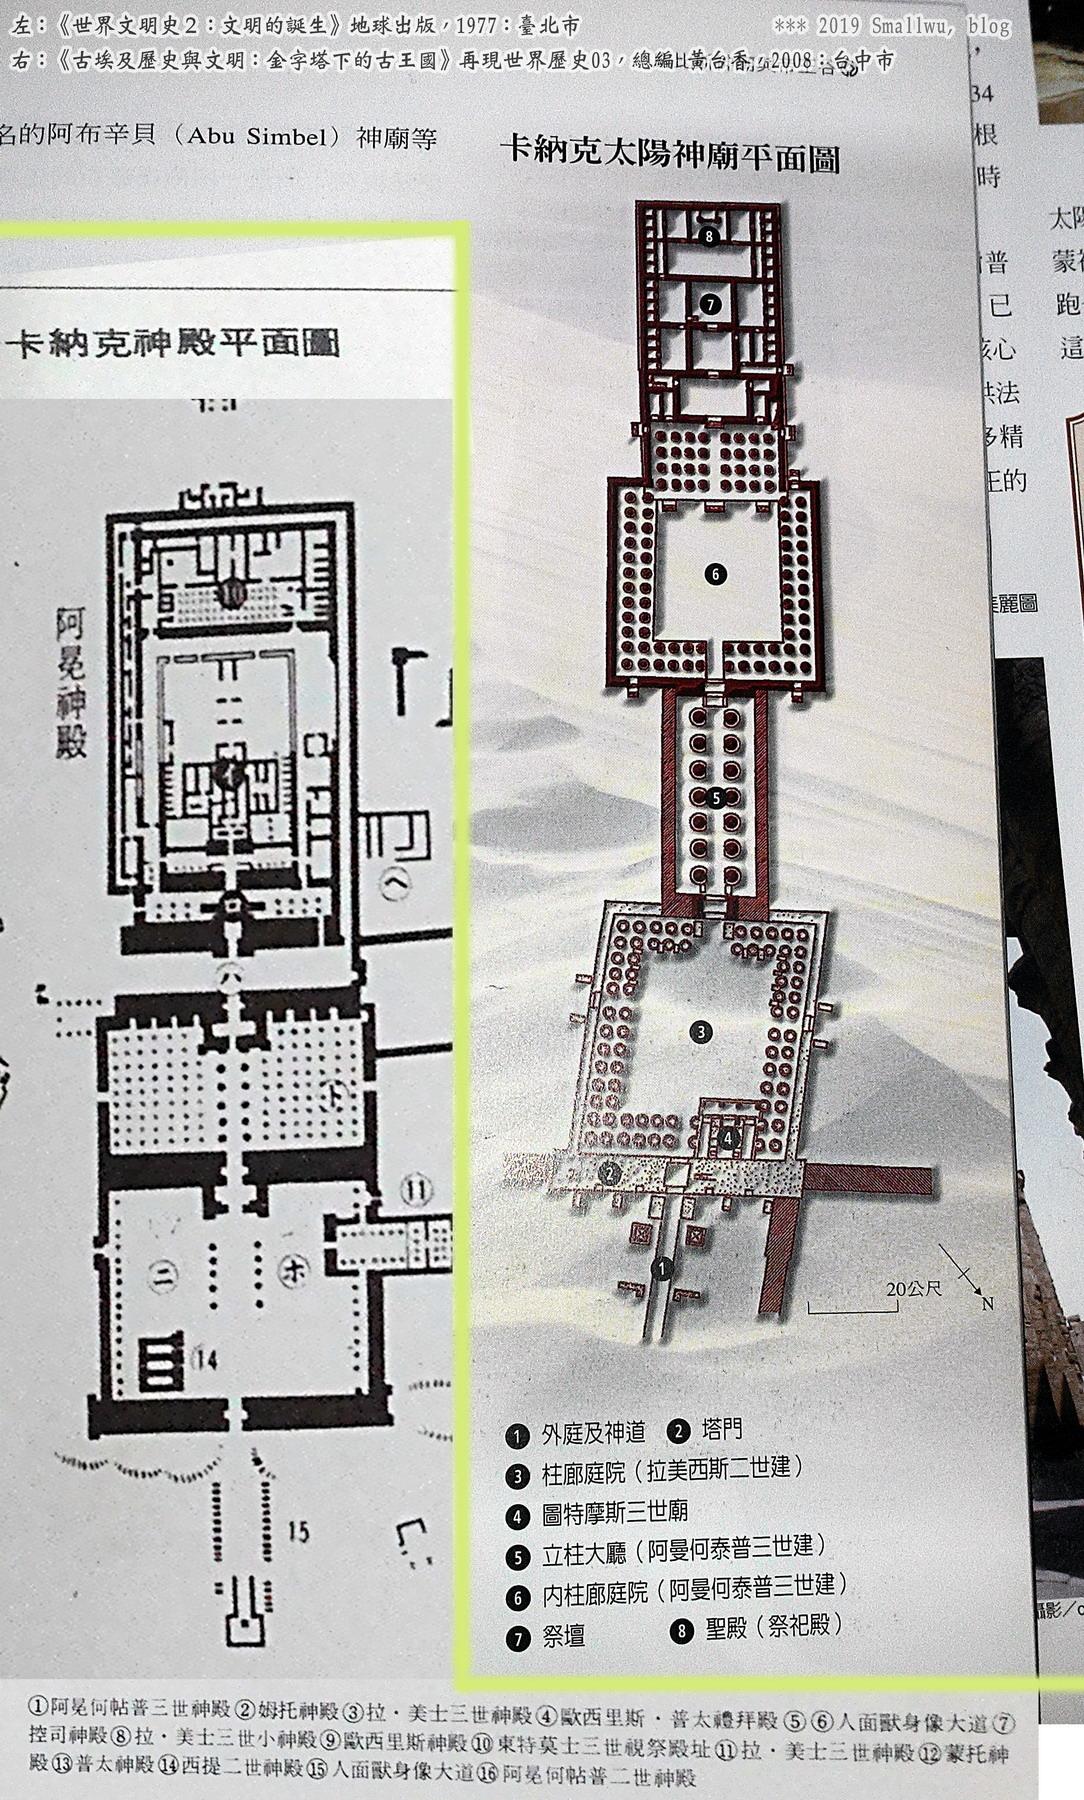 再現世界歷史3-古埃及歷史與文明_04 卡納克神殿 平面圖.jpg